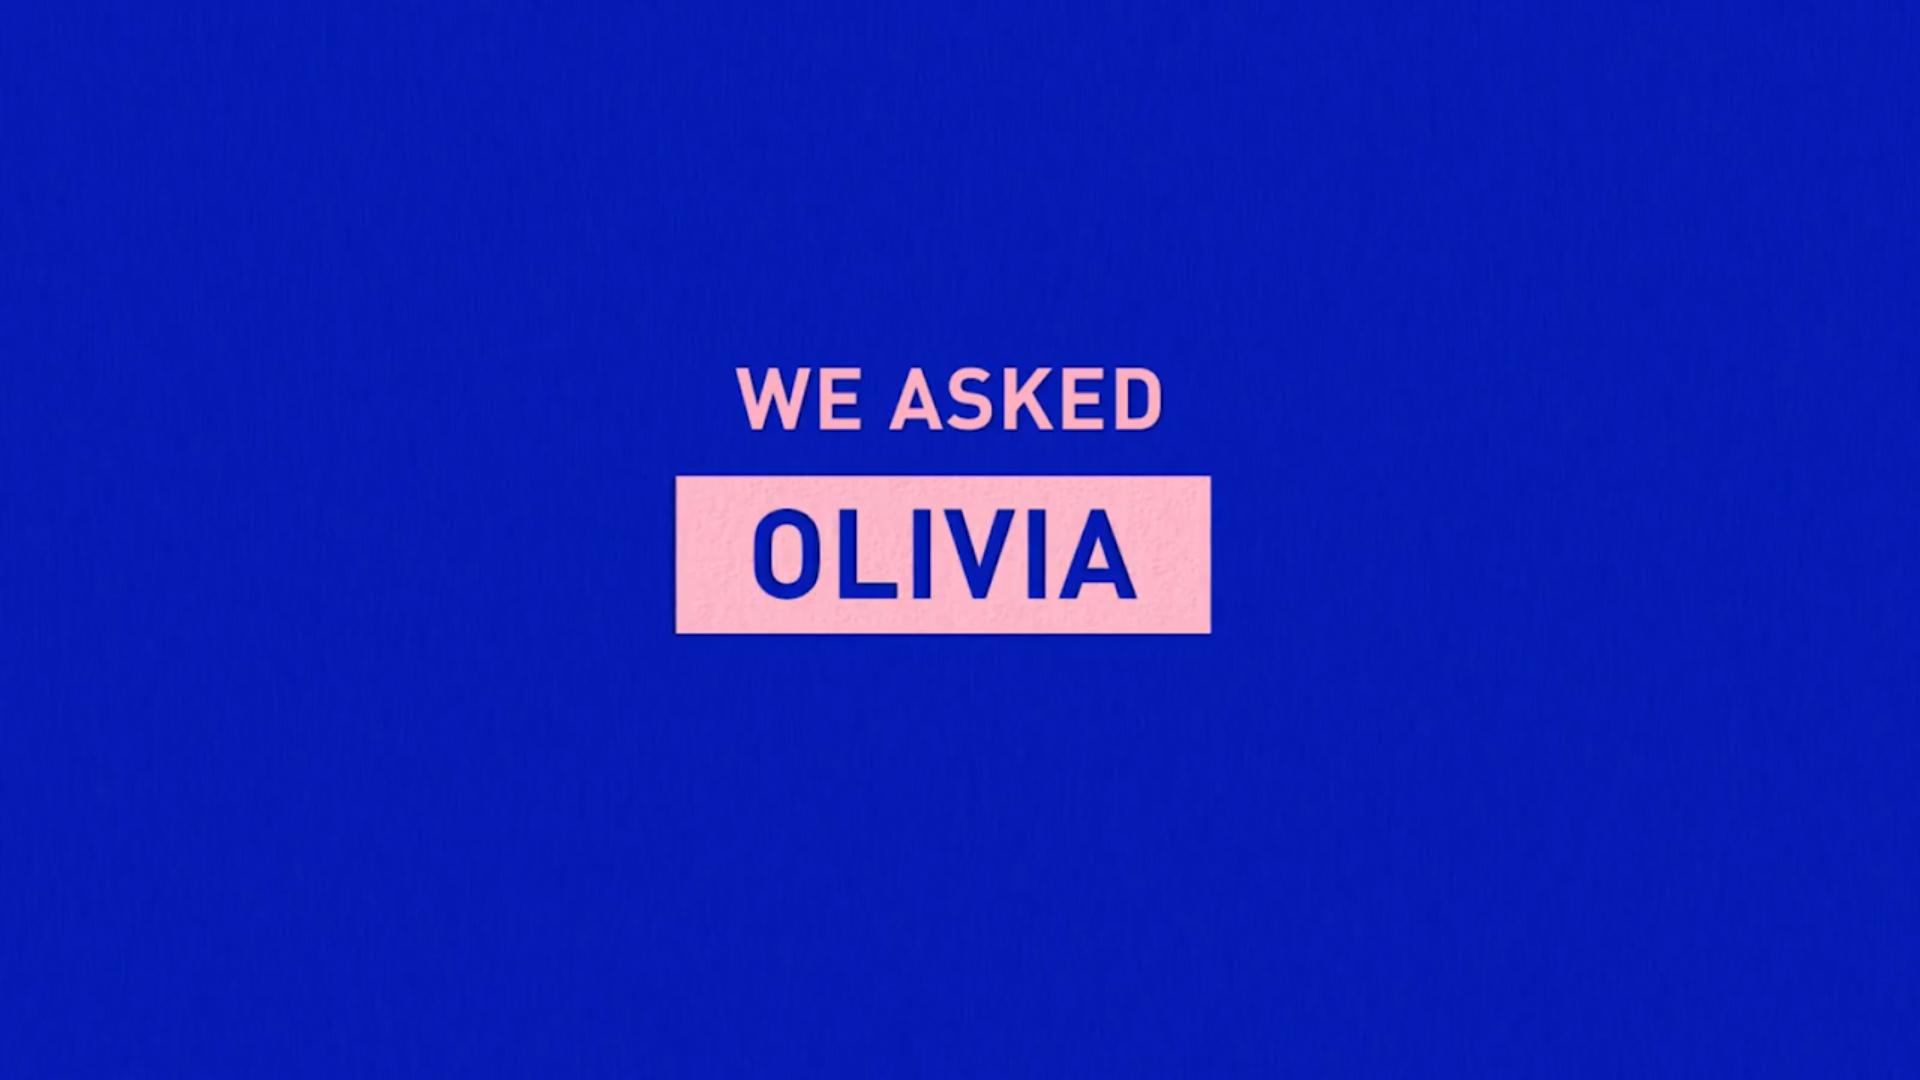 we asked olivia splash image